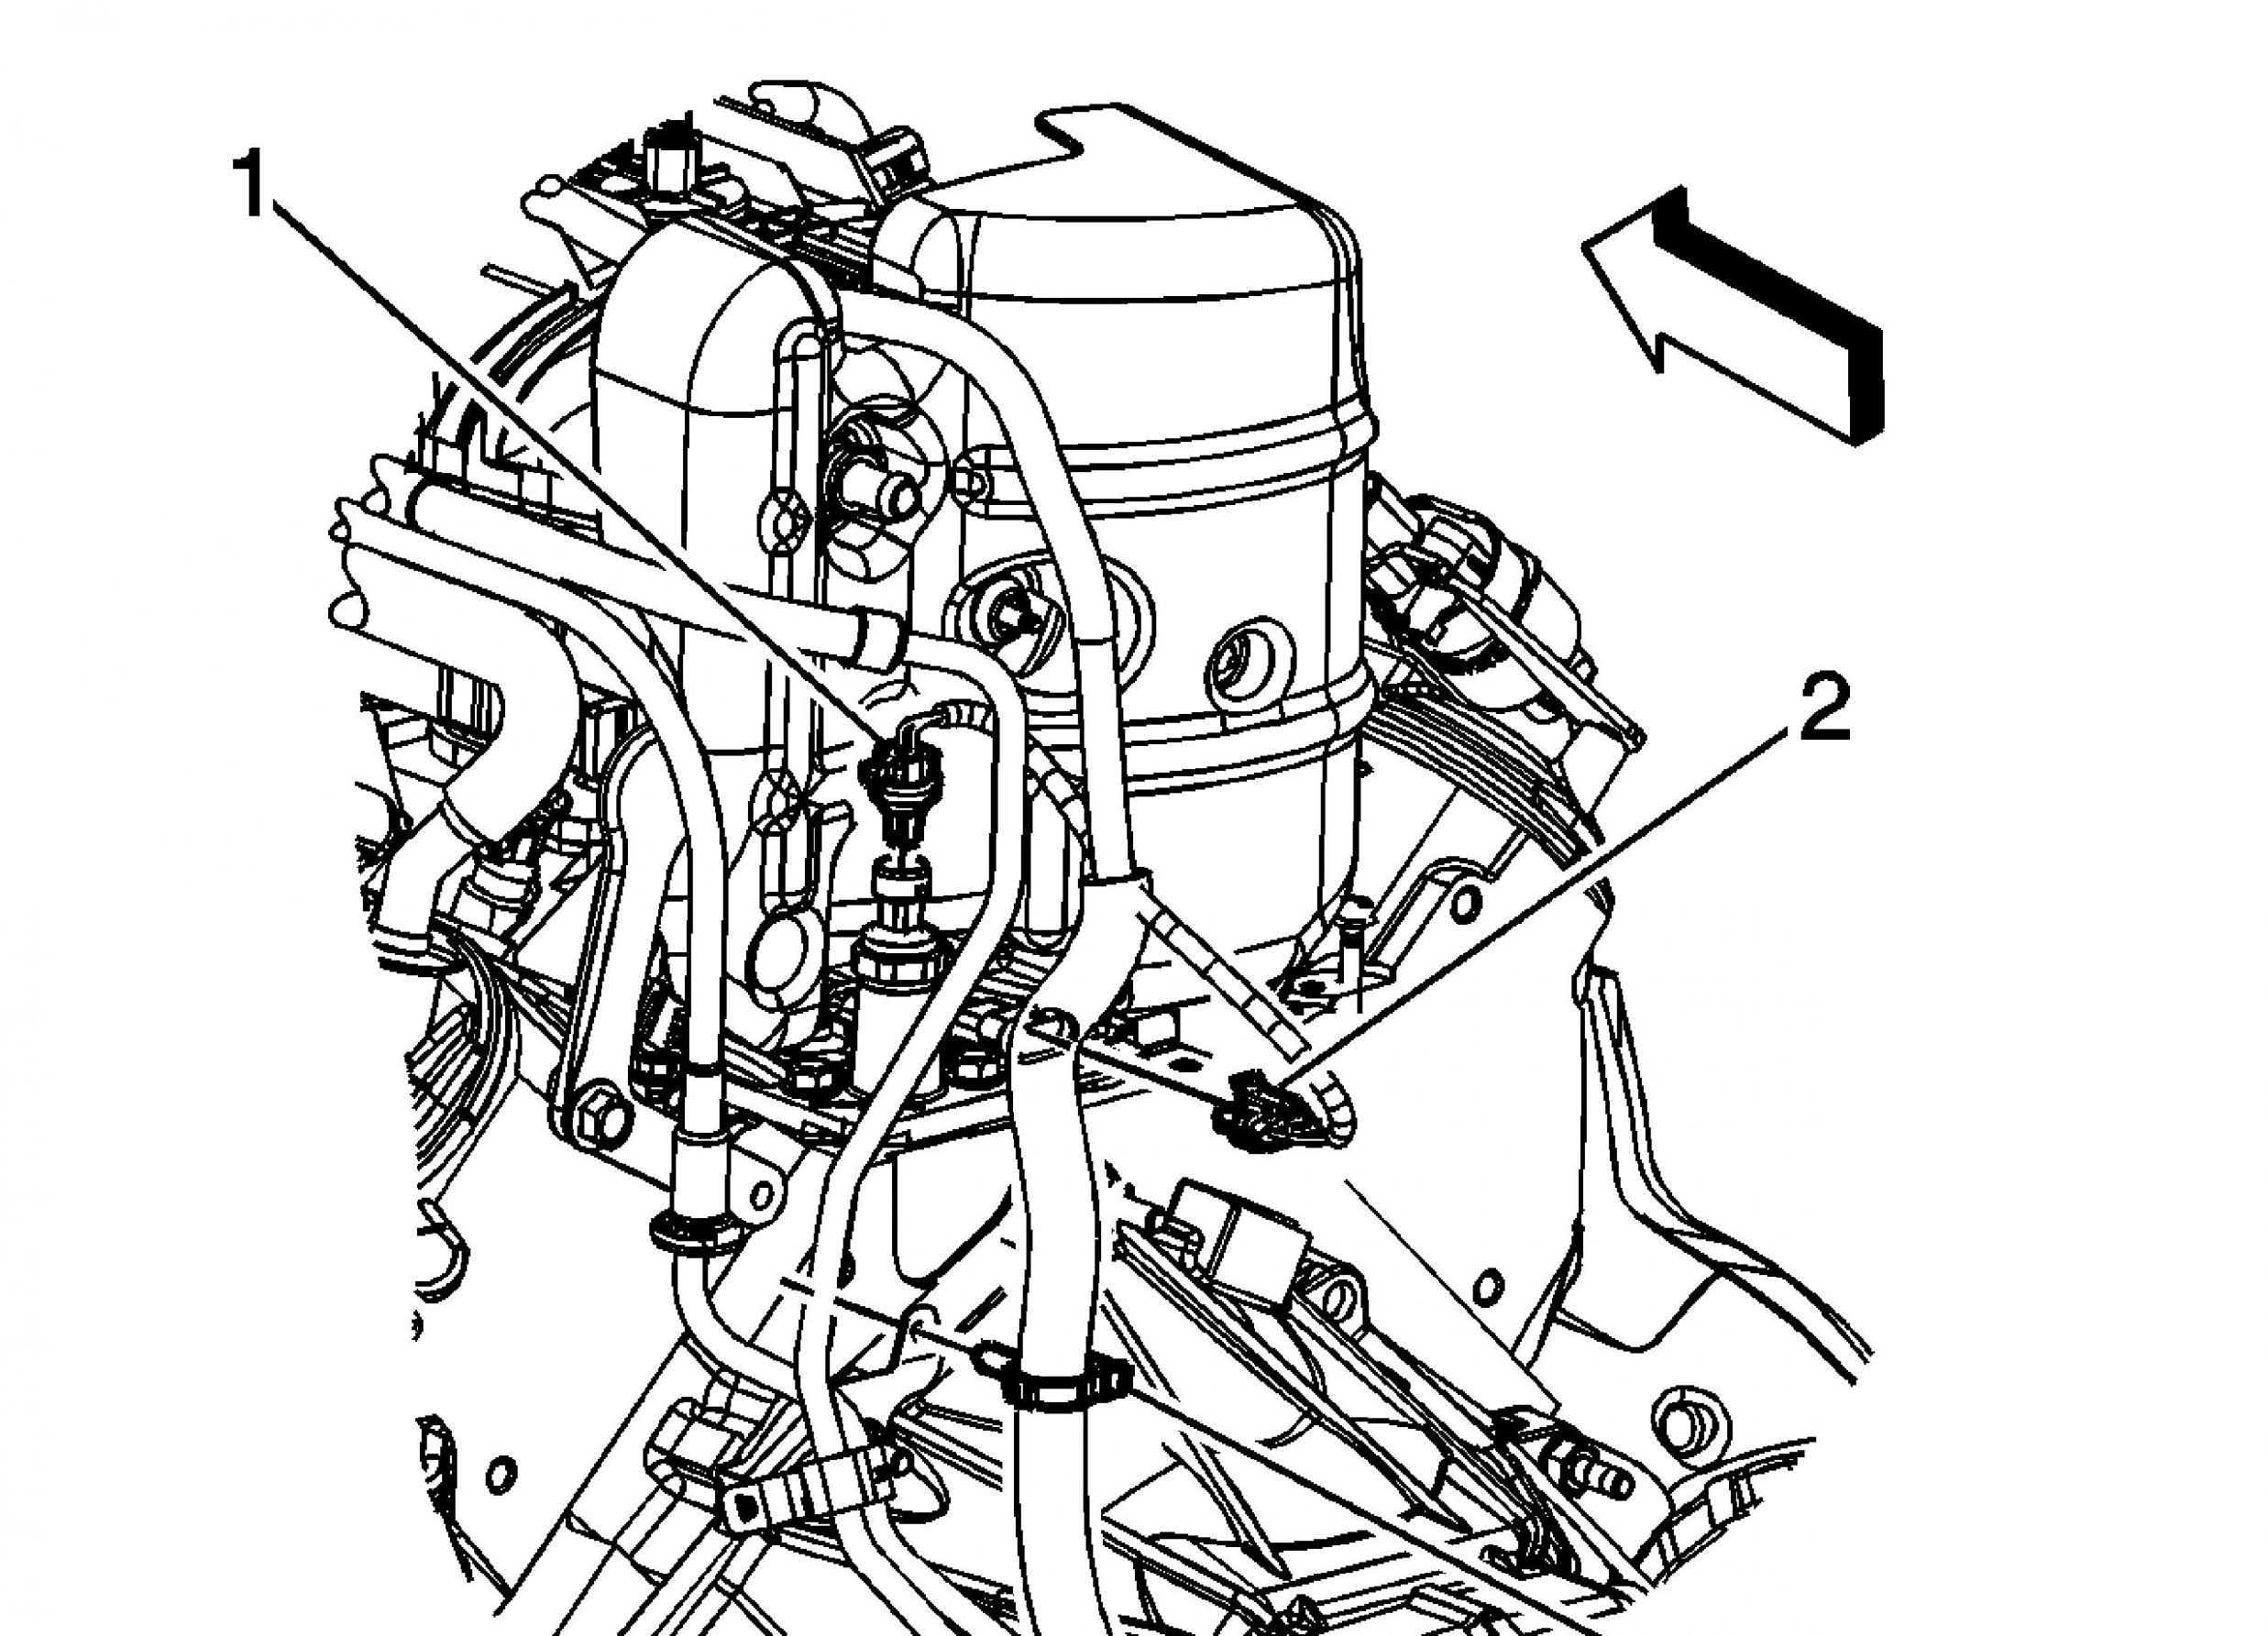 Similiar 01 malibu fuse box keywords pertaining to 2003 chevy silverado fuse box diagram besides dash